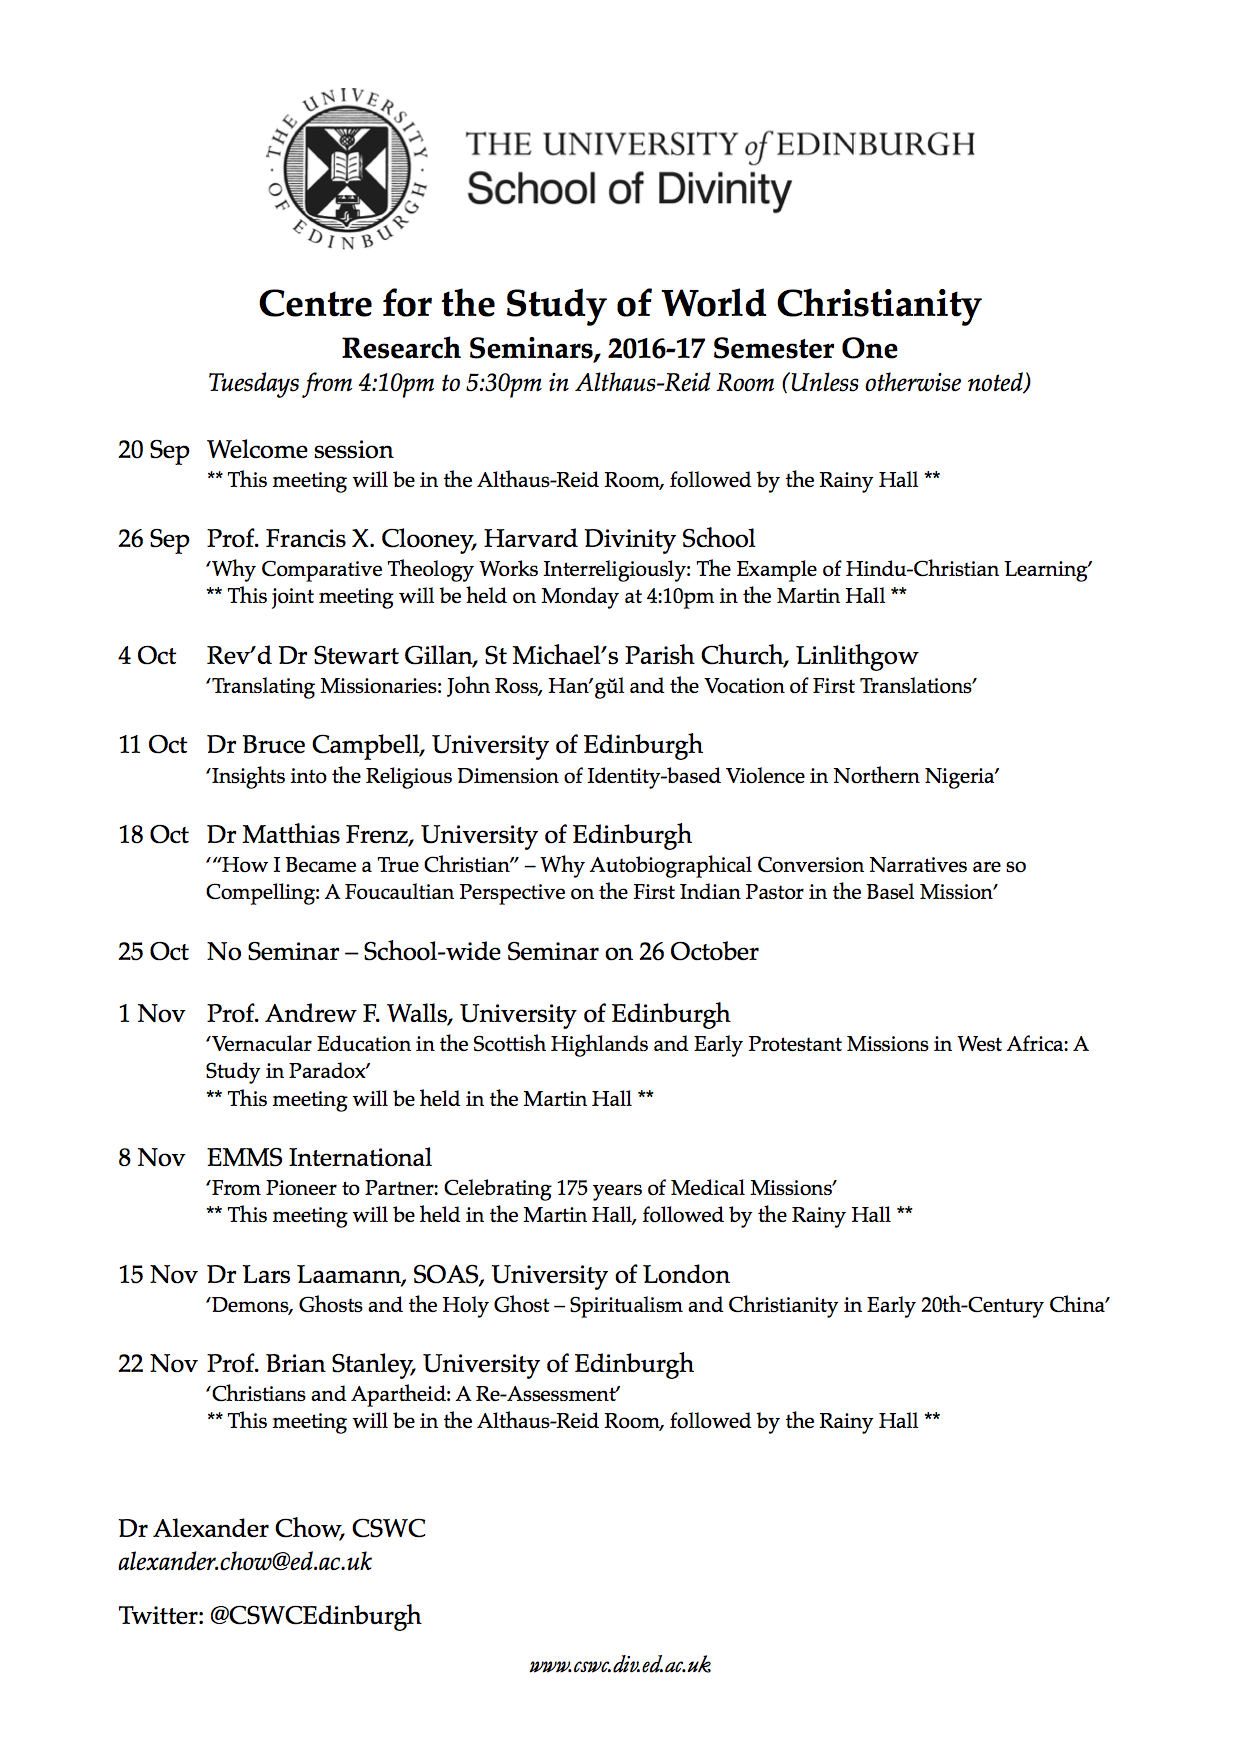 CSWC Seminars - 2016-17, Semester 1